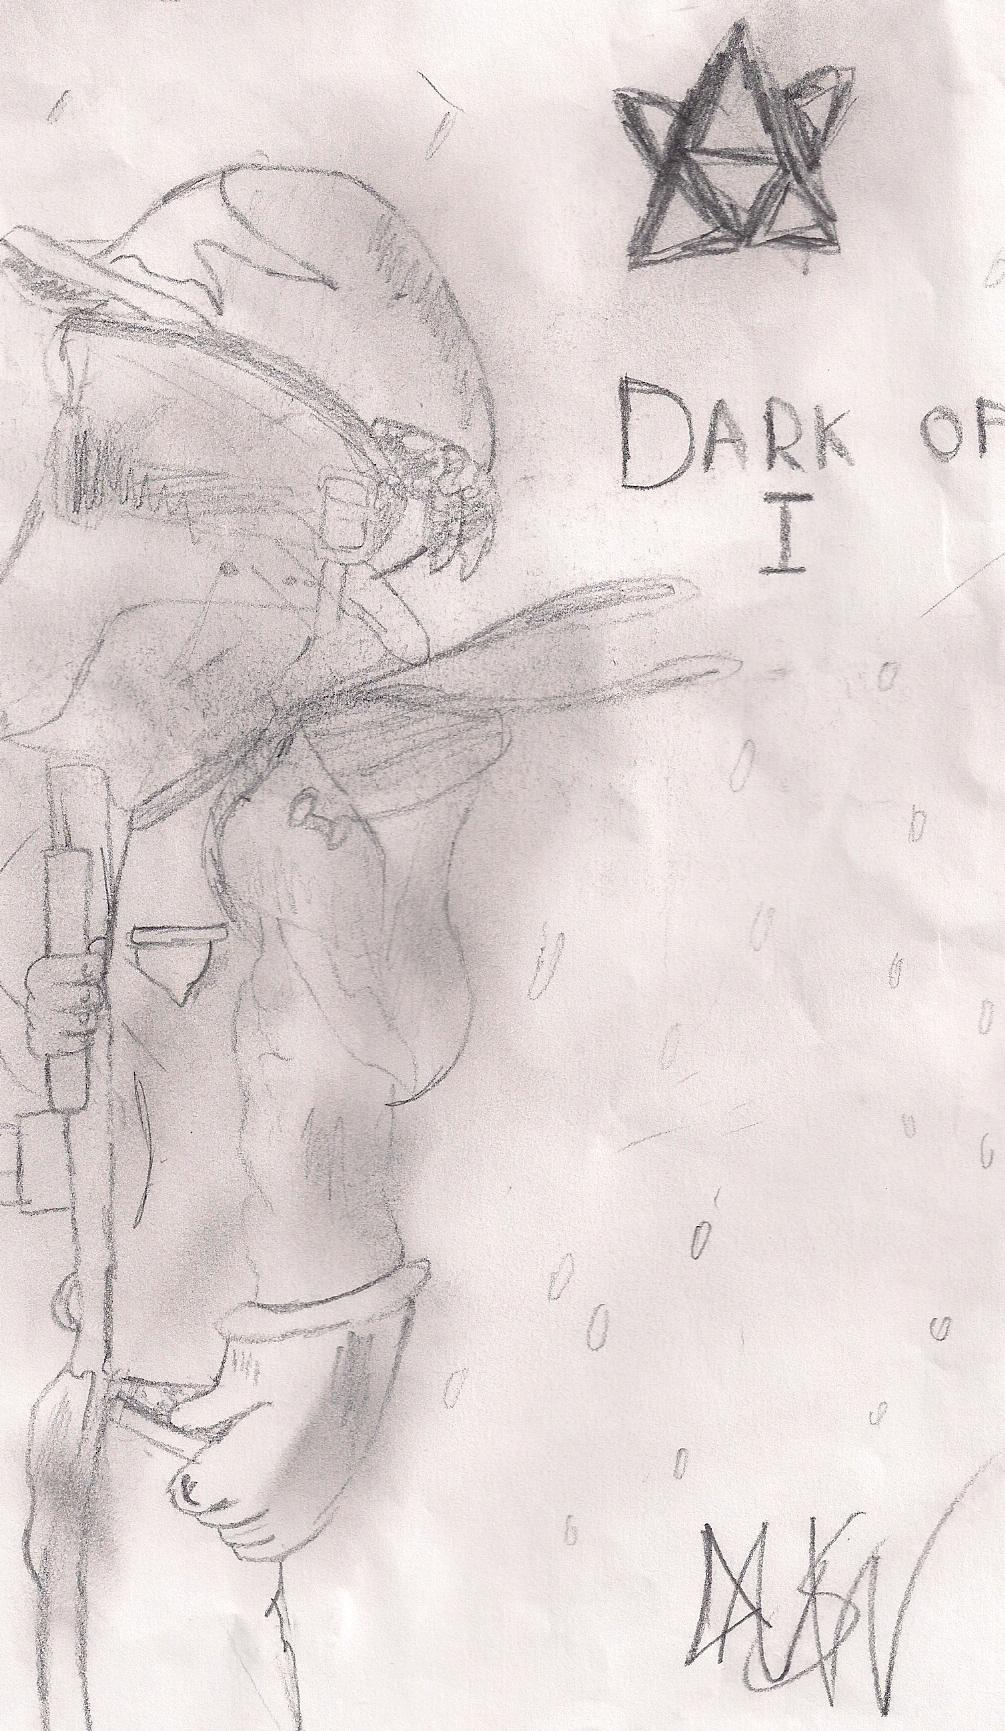 dark of I